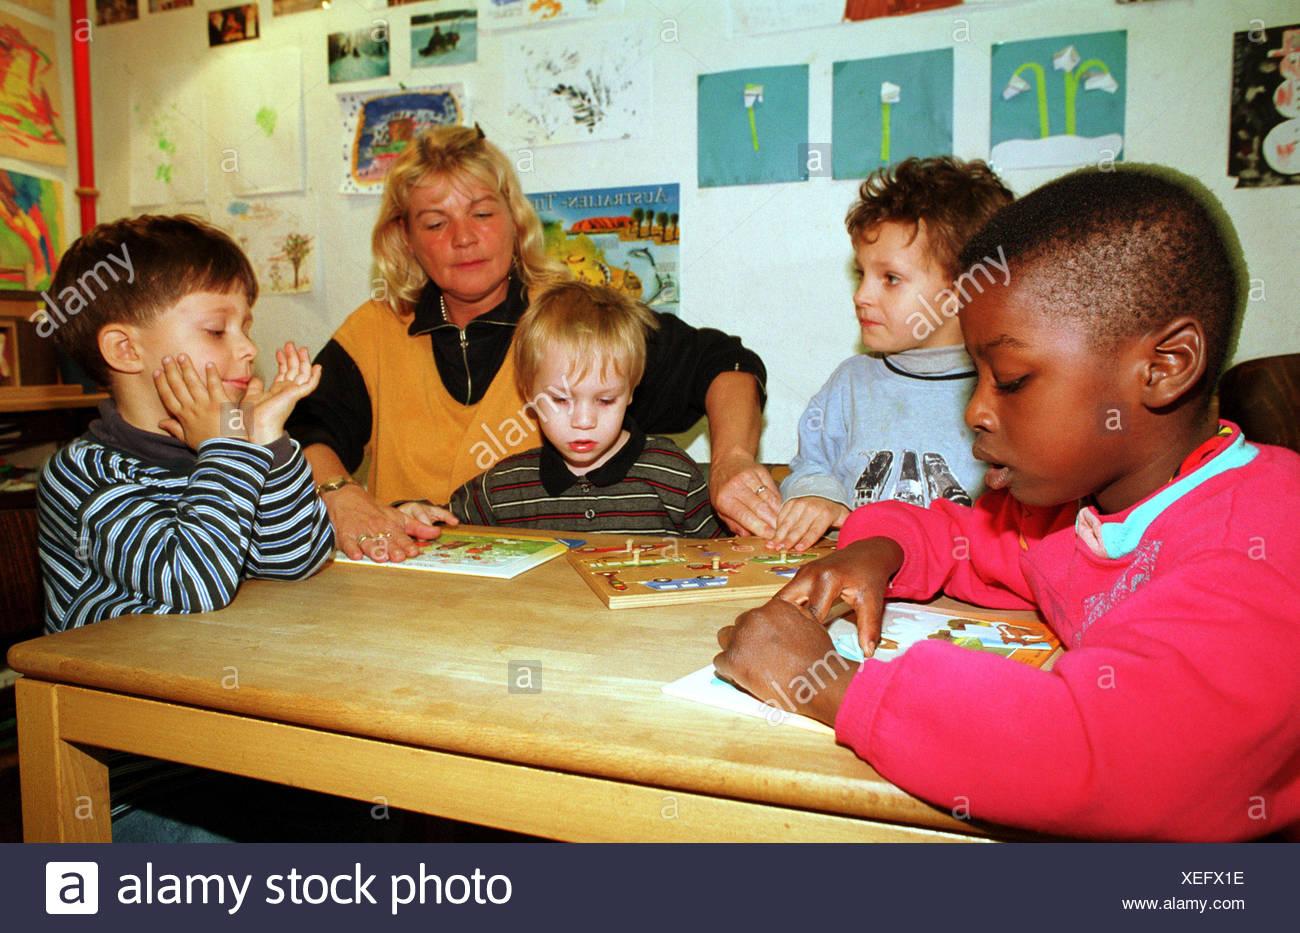 Berlin, Deutschland, Mutter mit Kindern in der Kindertagesstaette spielen Stockbild